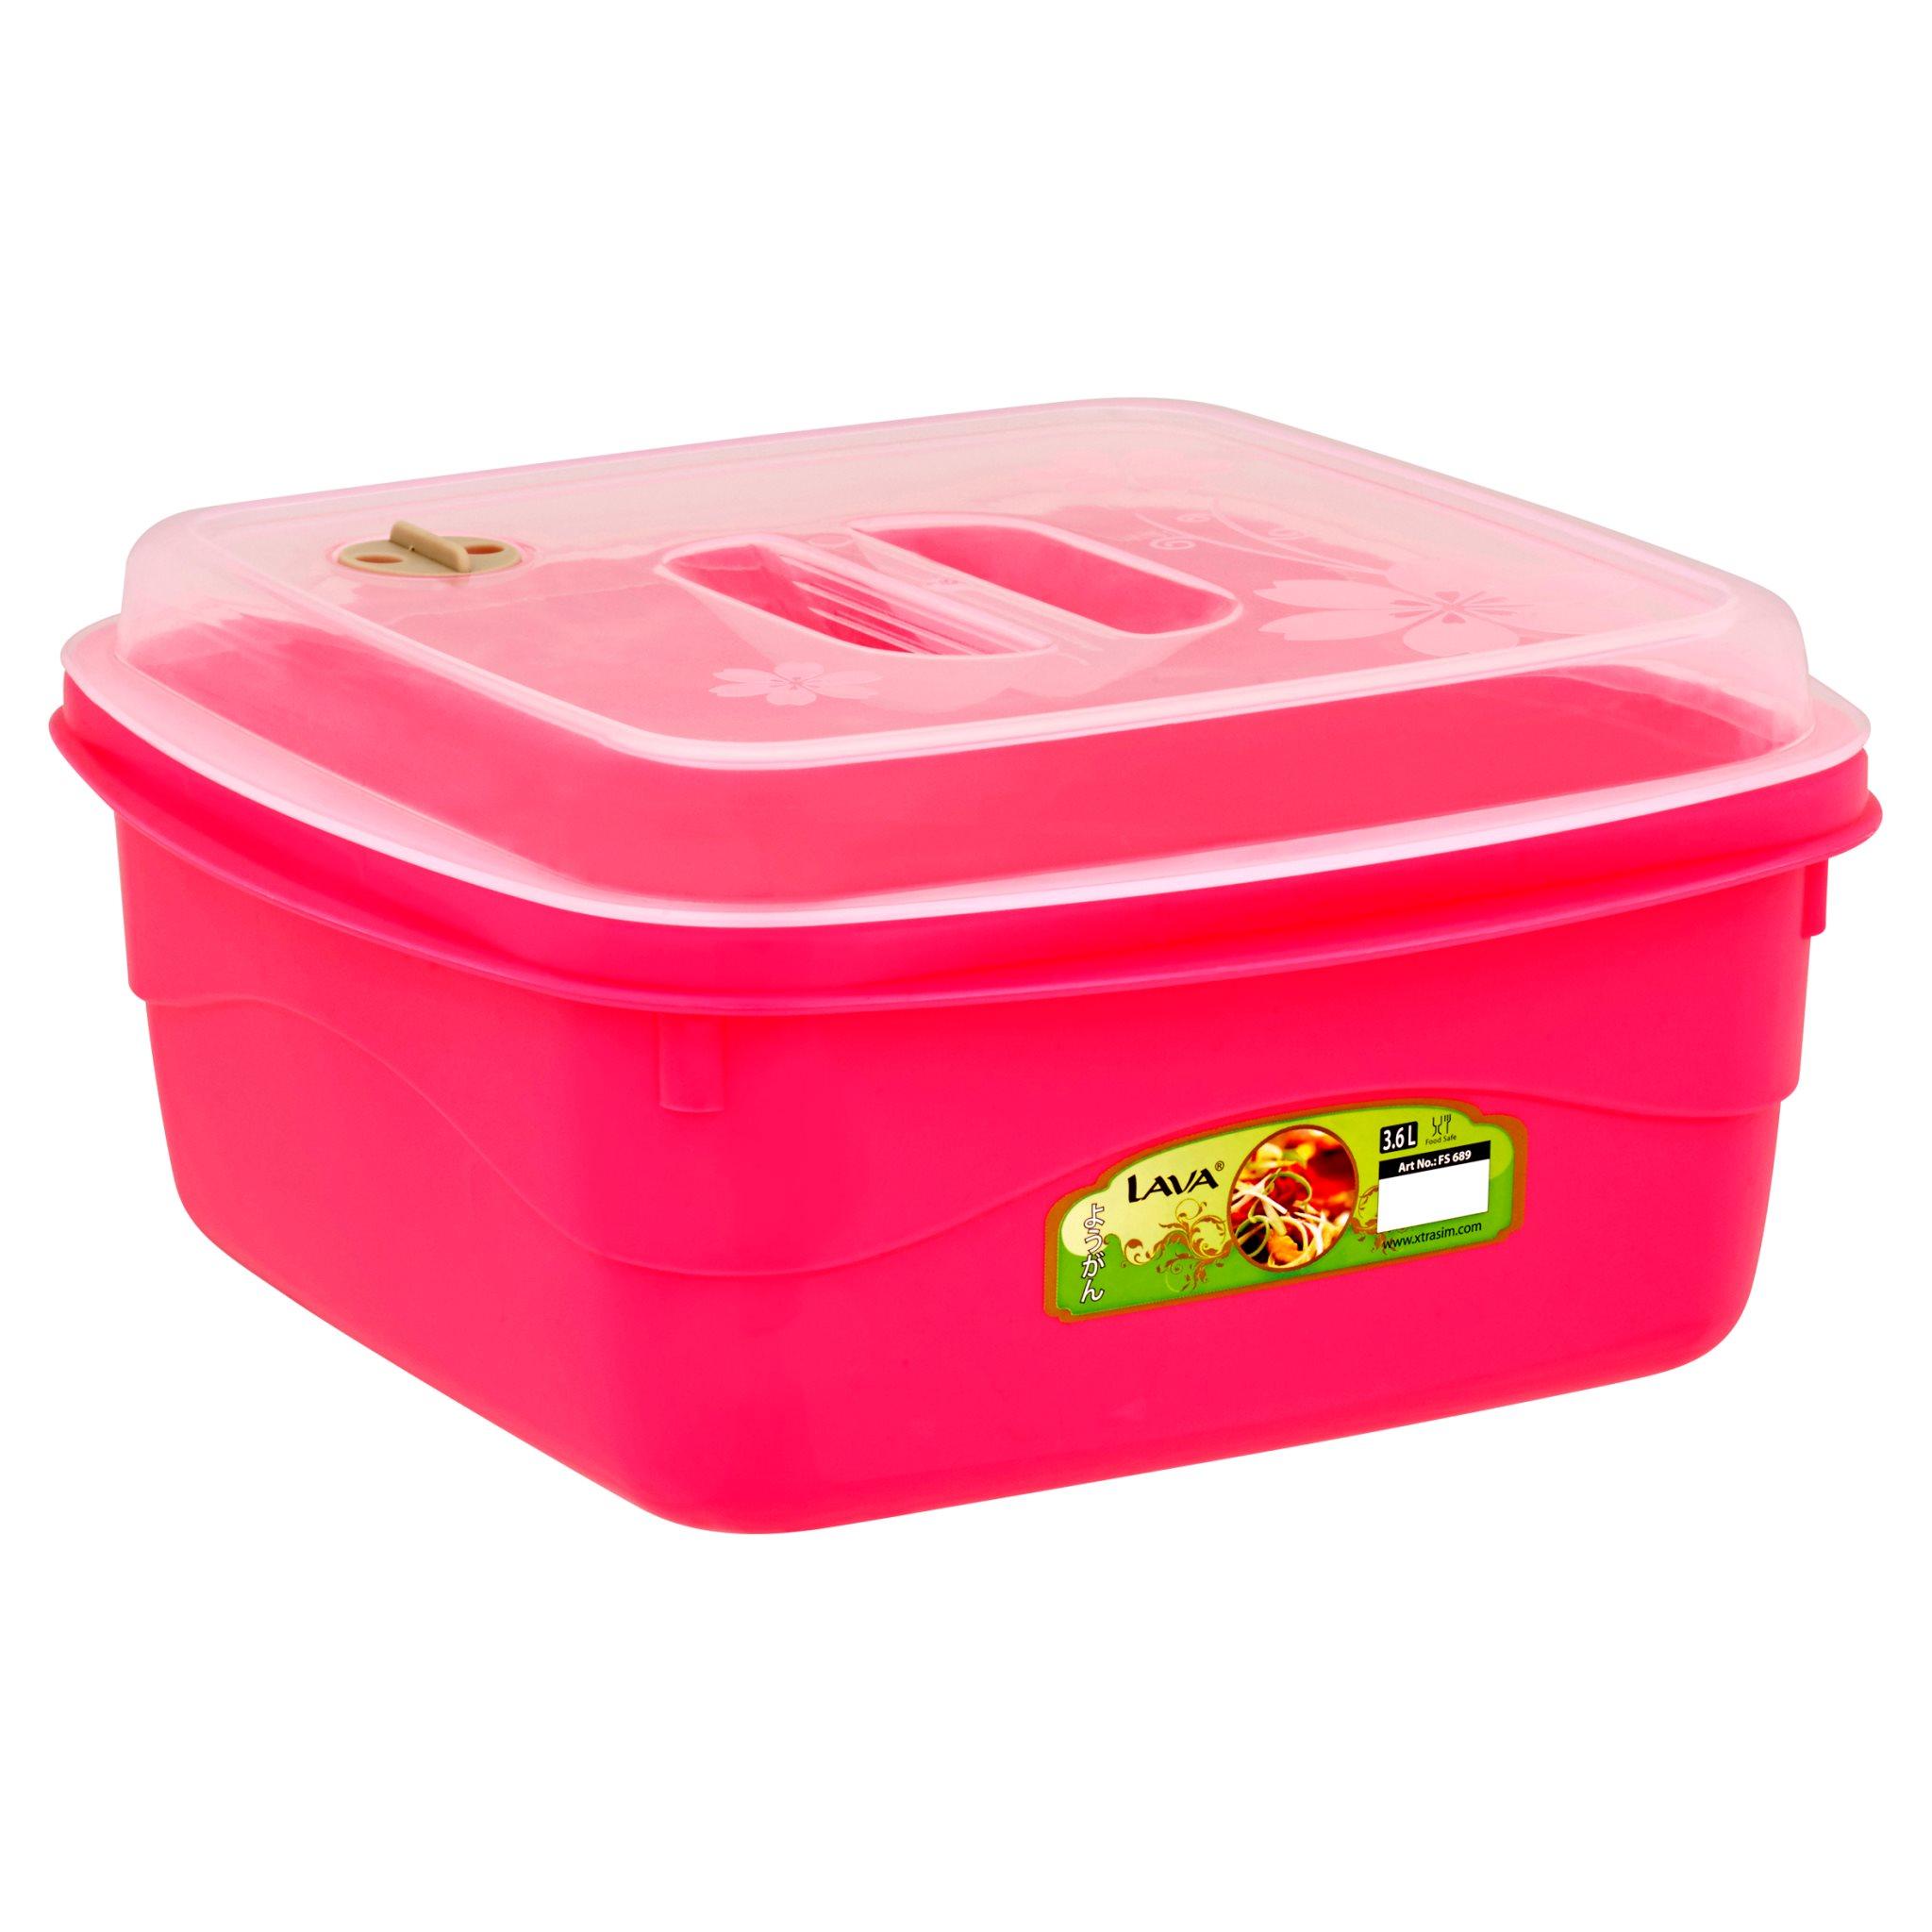 Lava Food Container FS689 3.6L